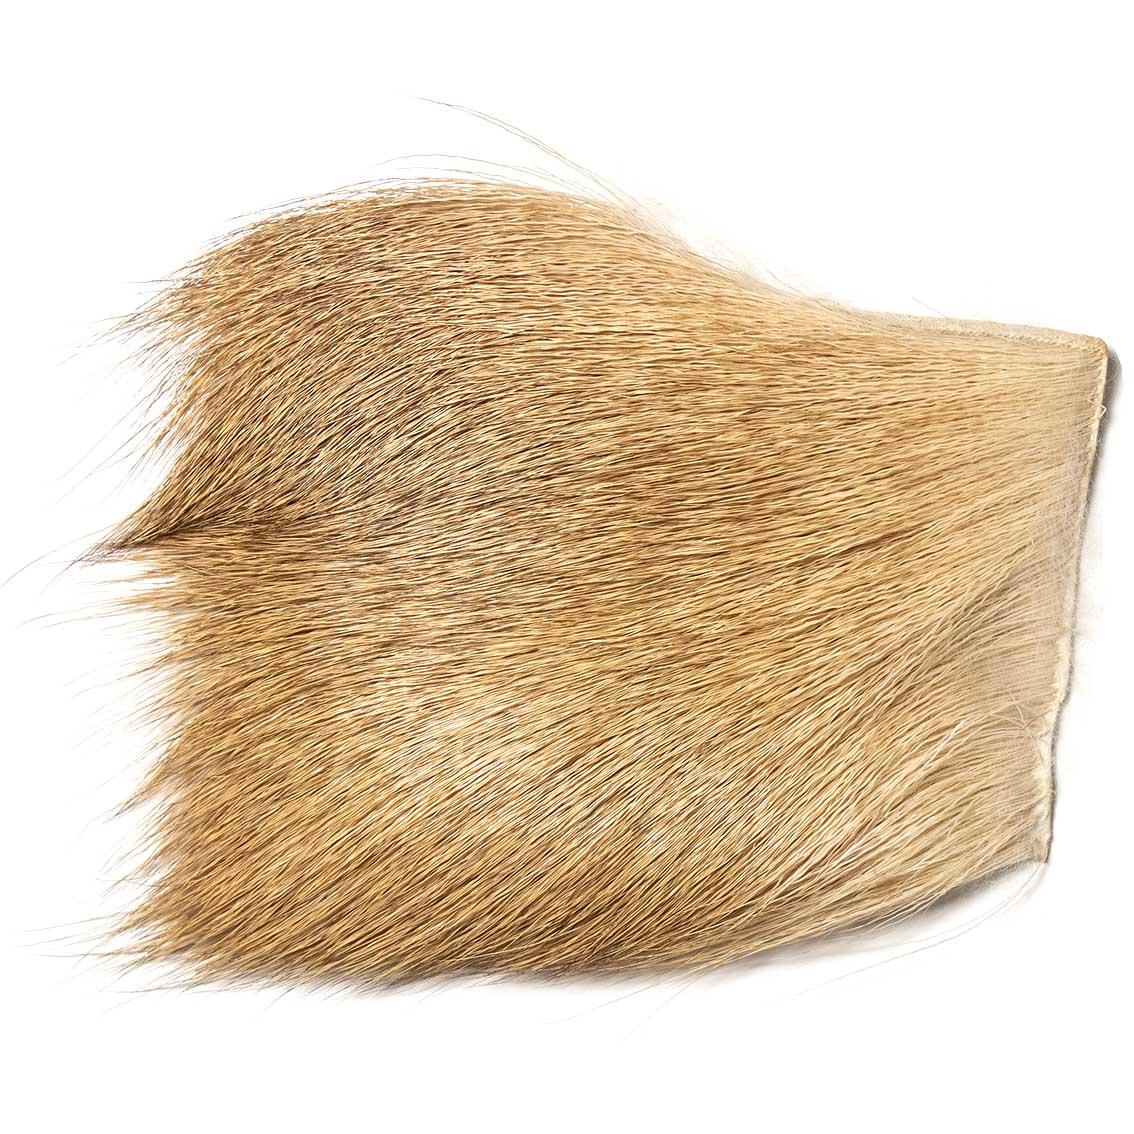 Deer Body Hair Wapsi